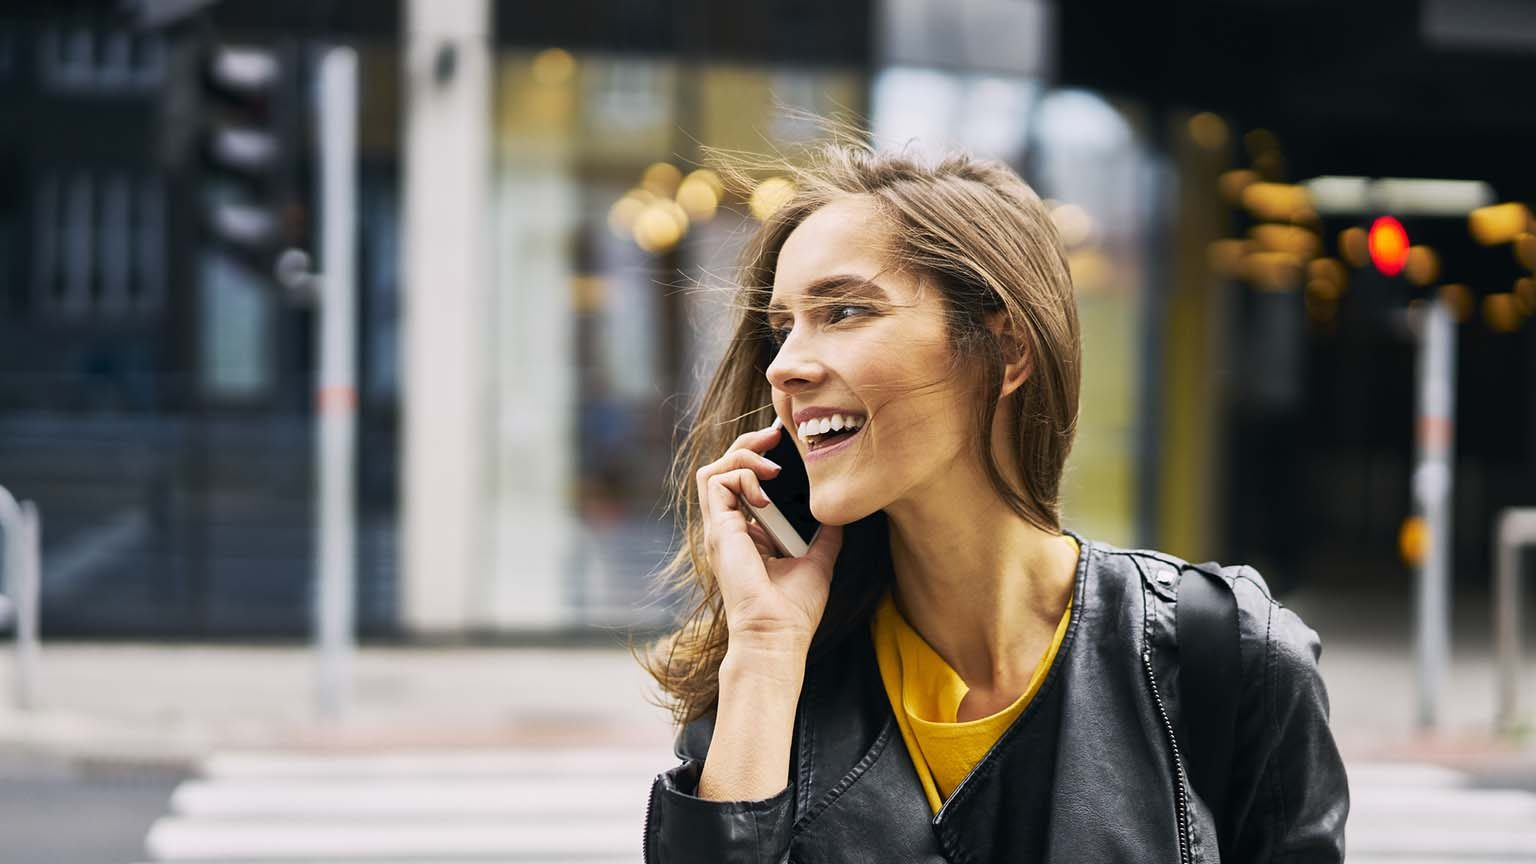 Prepaid mobile plans